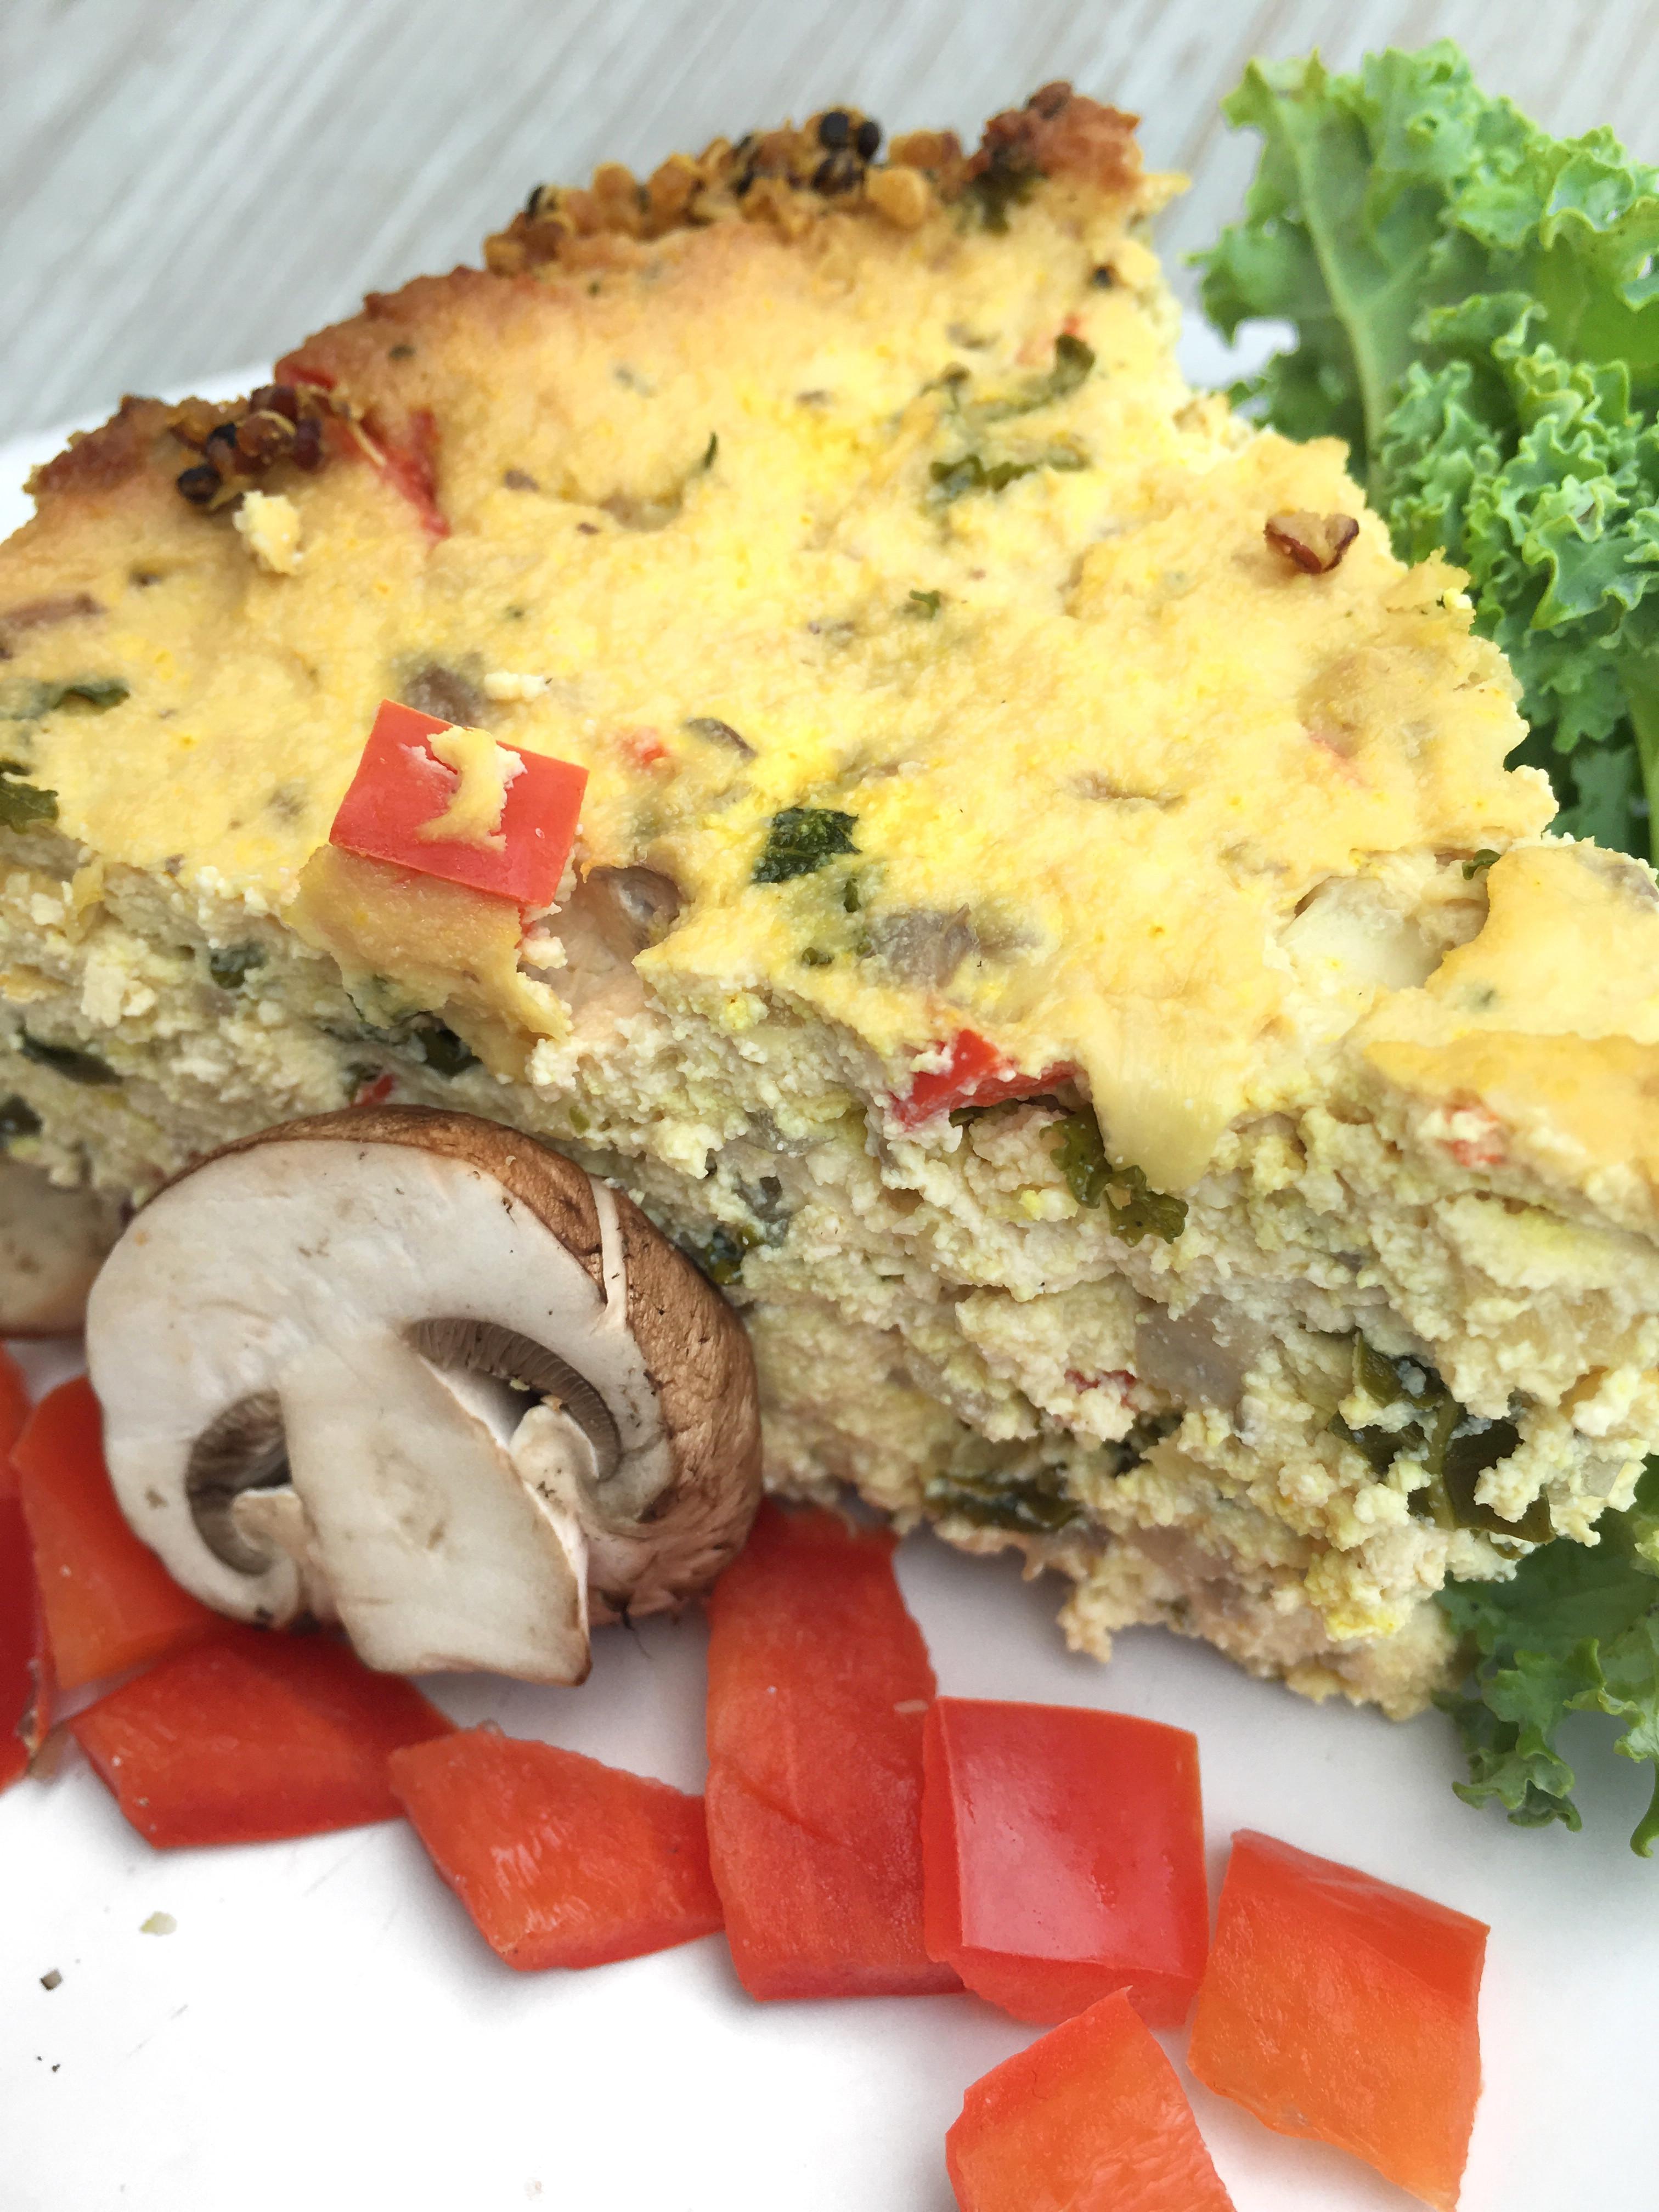 Vegan Gluten Free Brunch Recipes  Easy brunch recipes for a gluten free vegan Easter